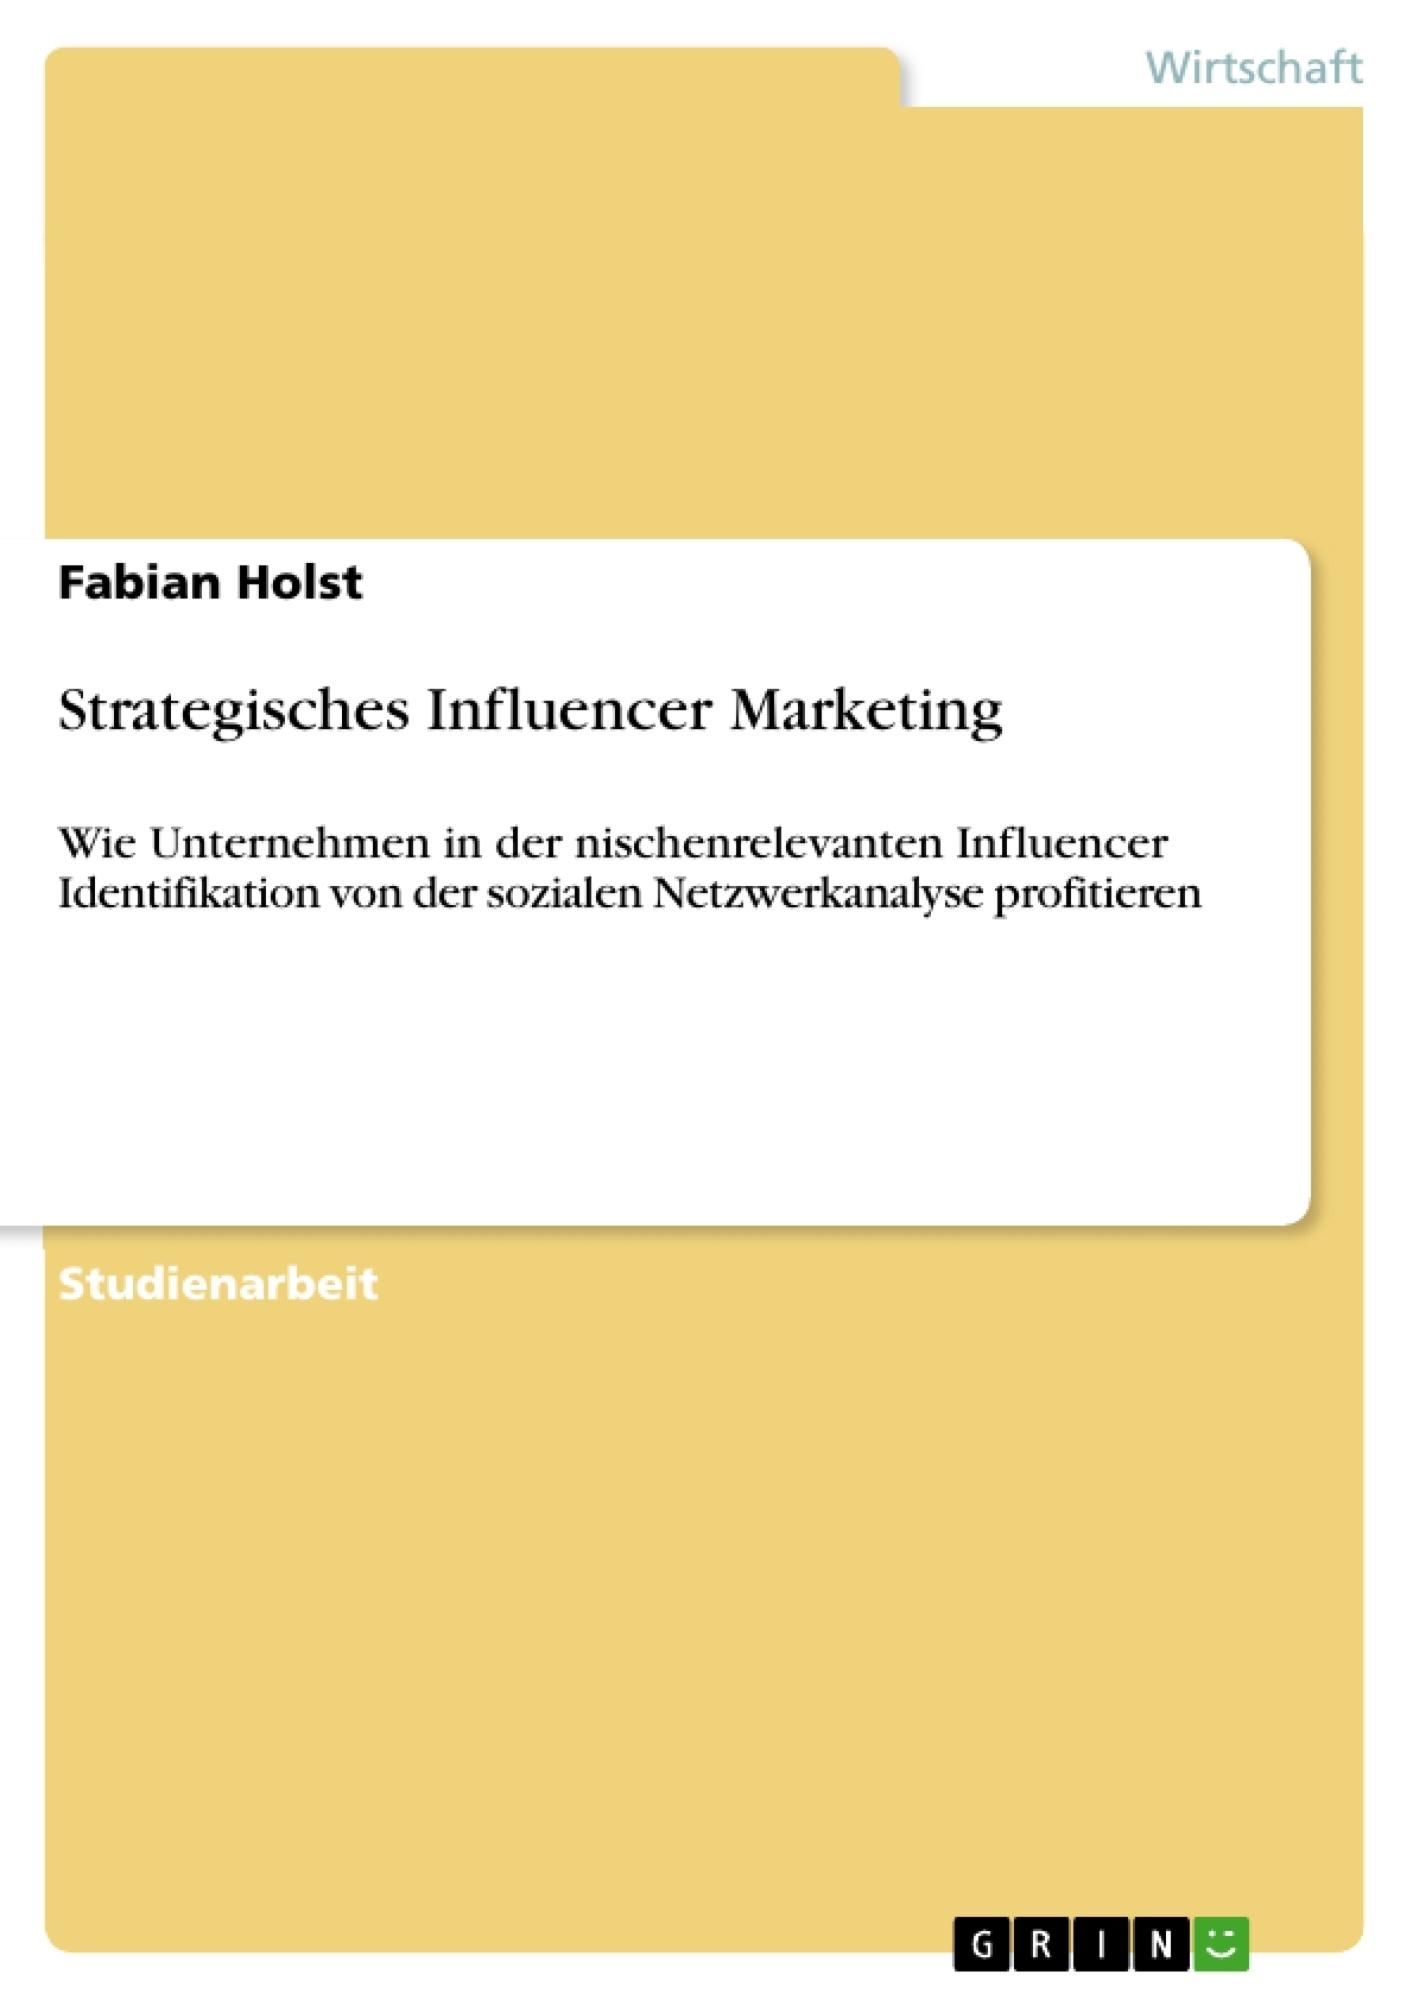 Titel: Strategisches Influencer Marketing